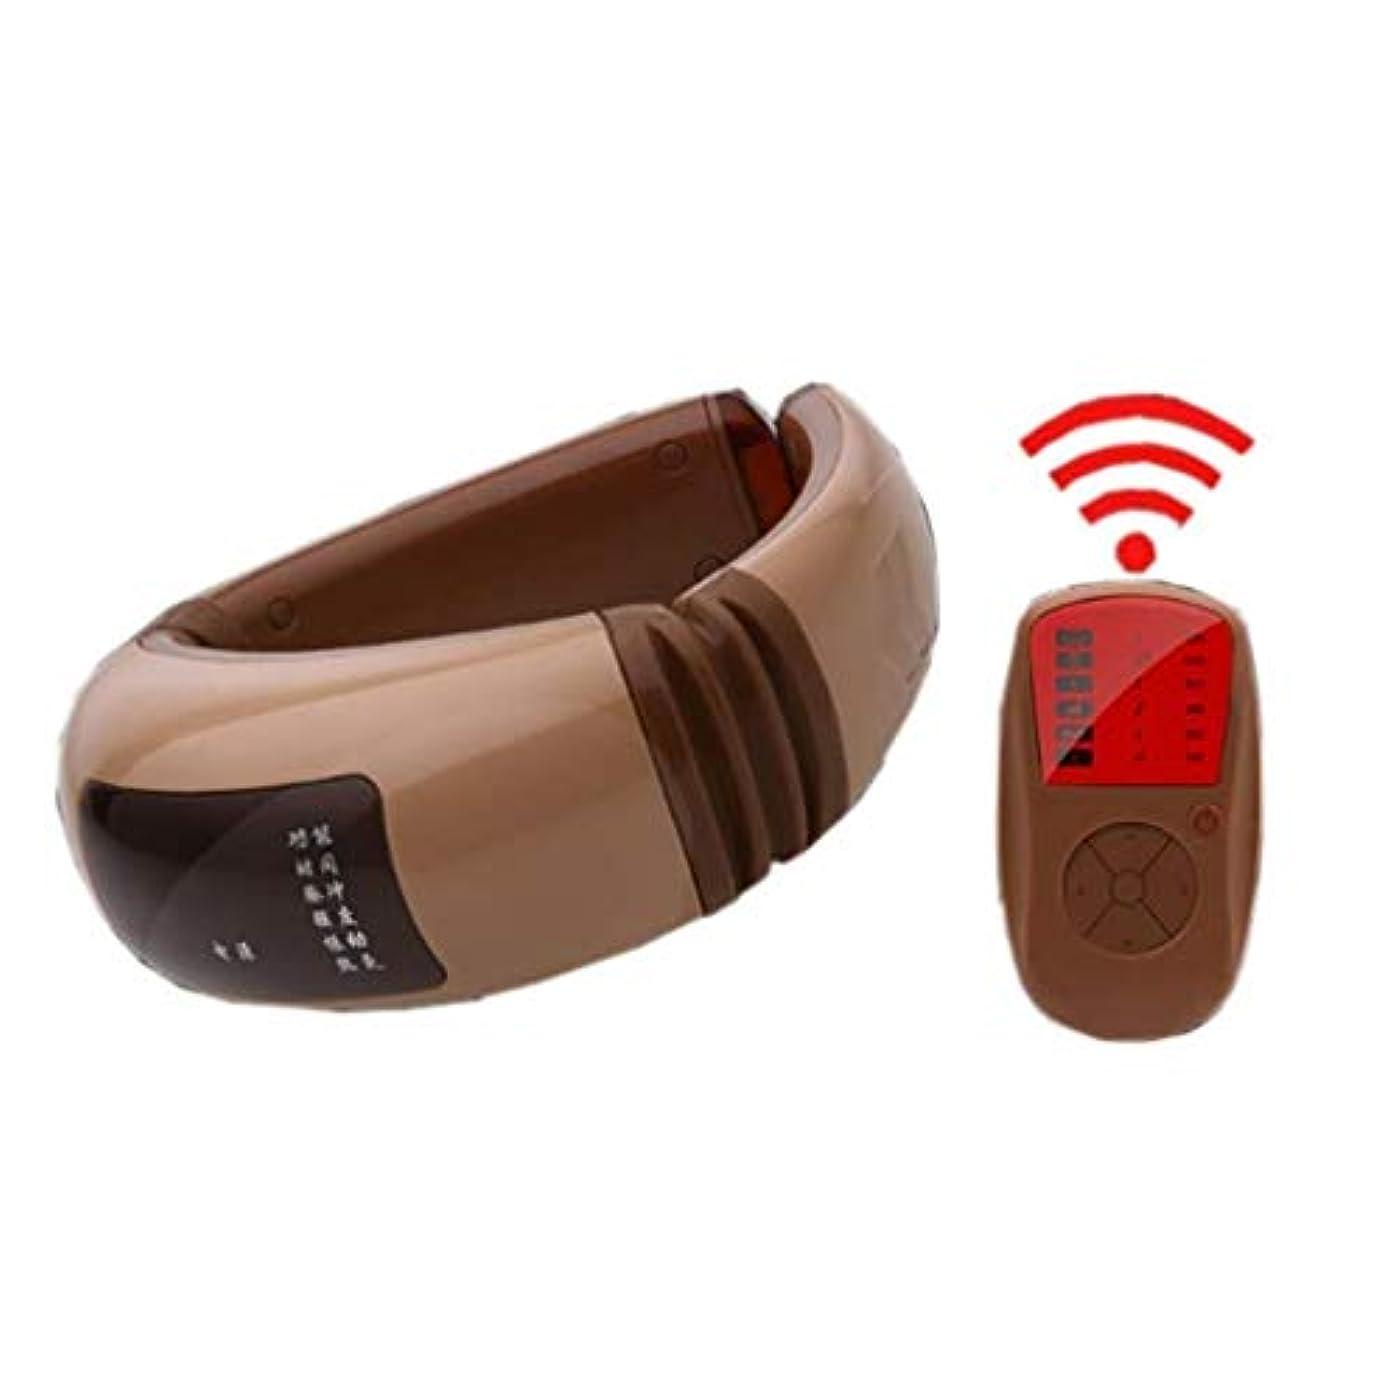 鹿入手します細心のマッサージャー、ポータブルスマートネック振動マッサージャー、USB充電、デジタルディスプレイ、車のホームオフィスで使用